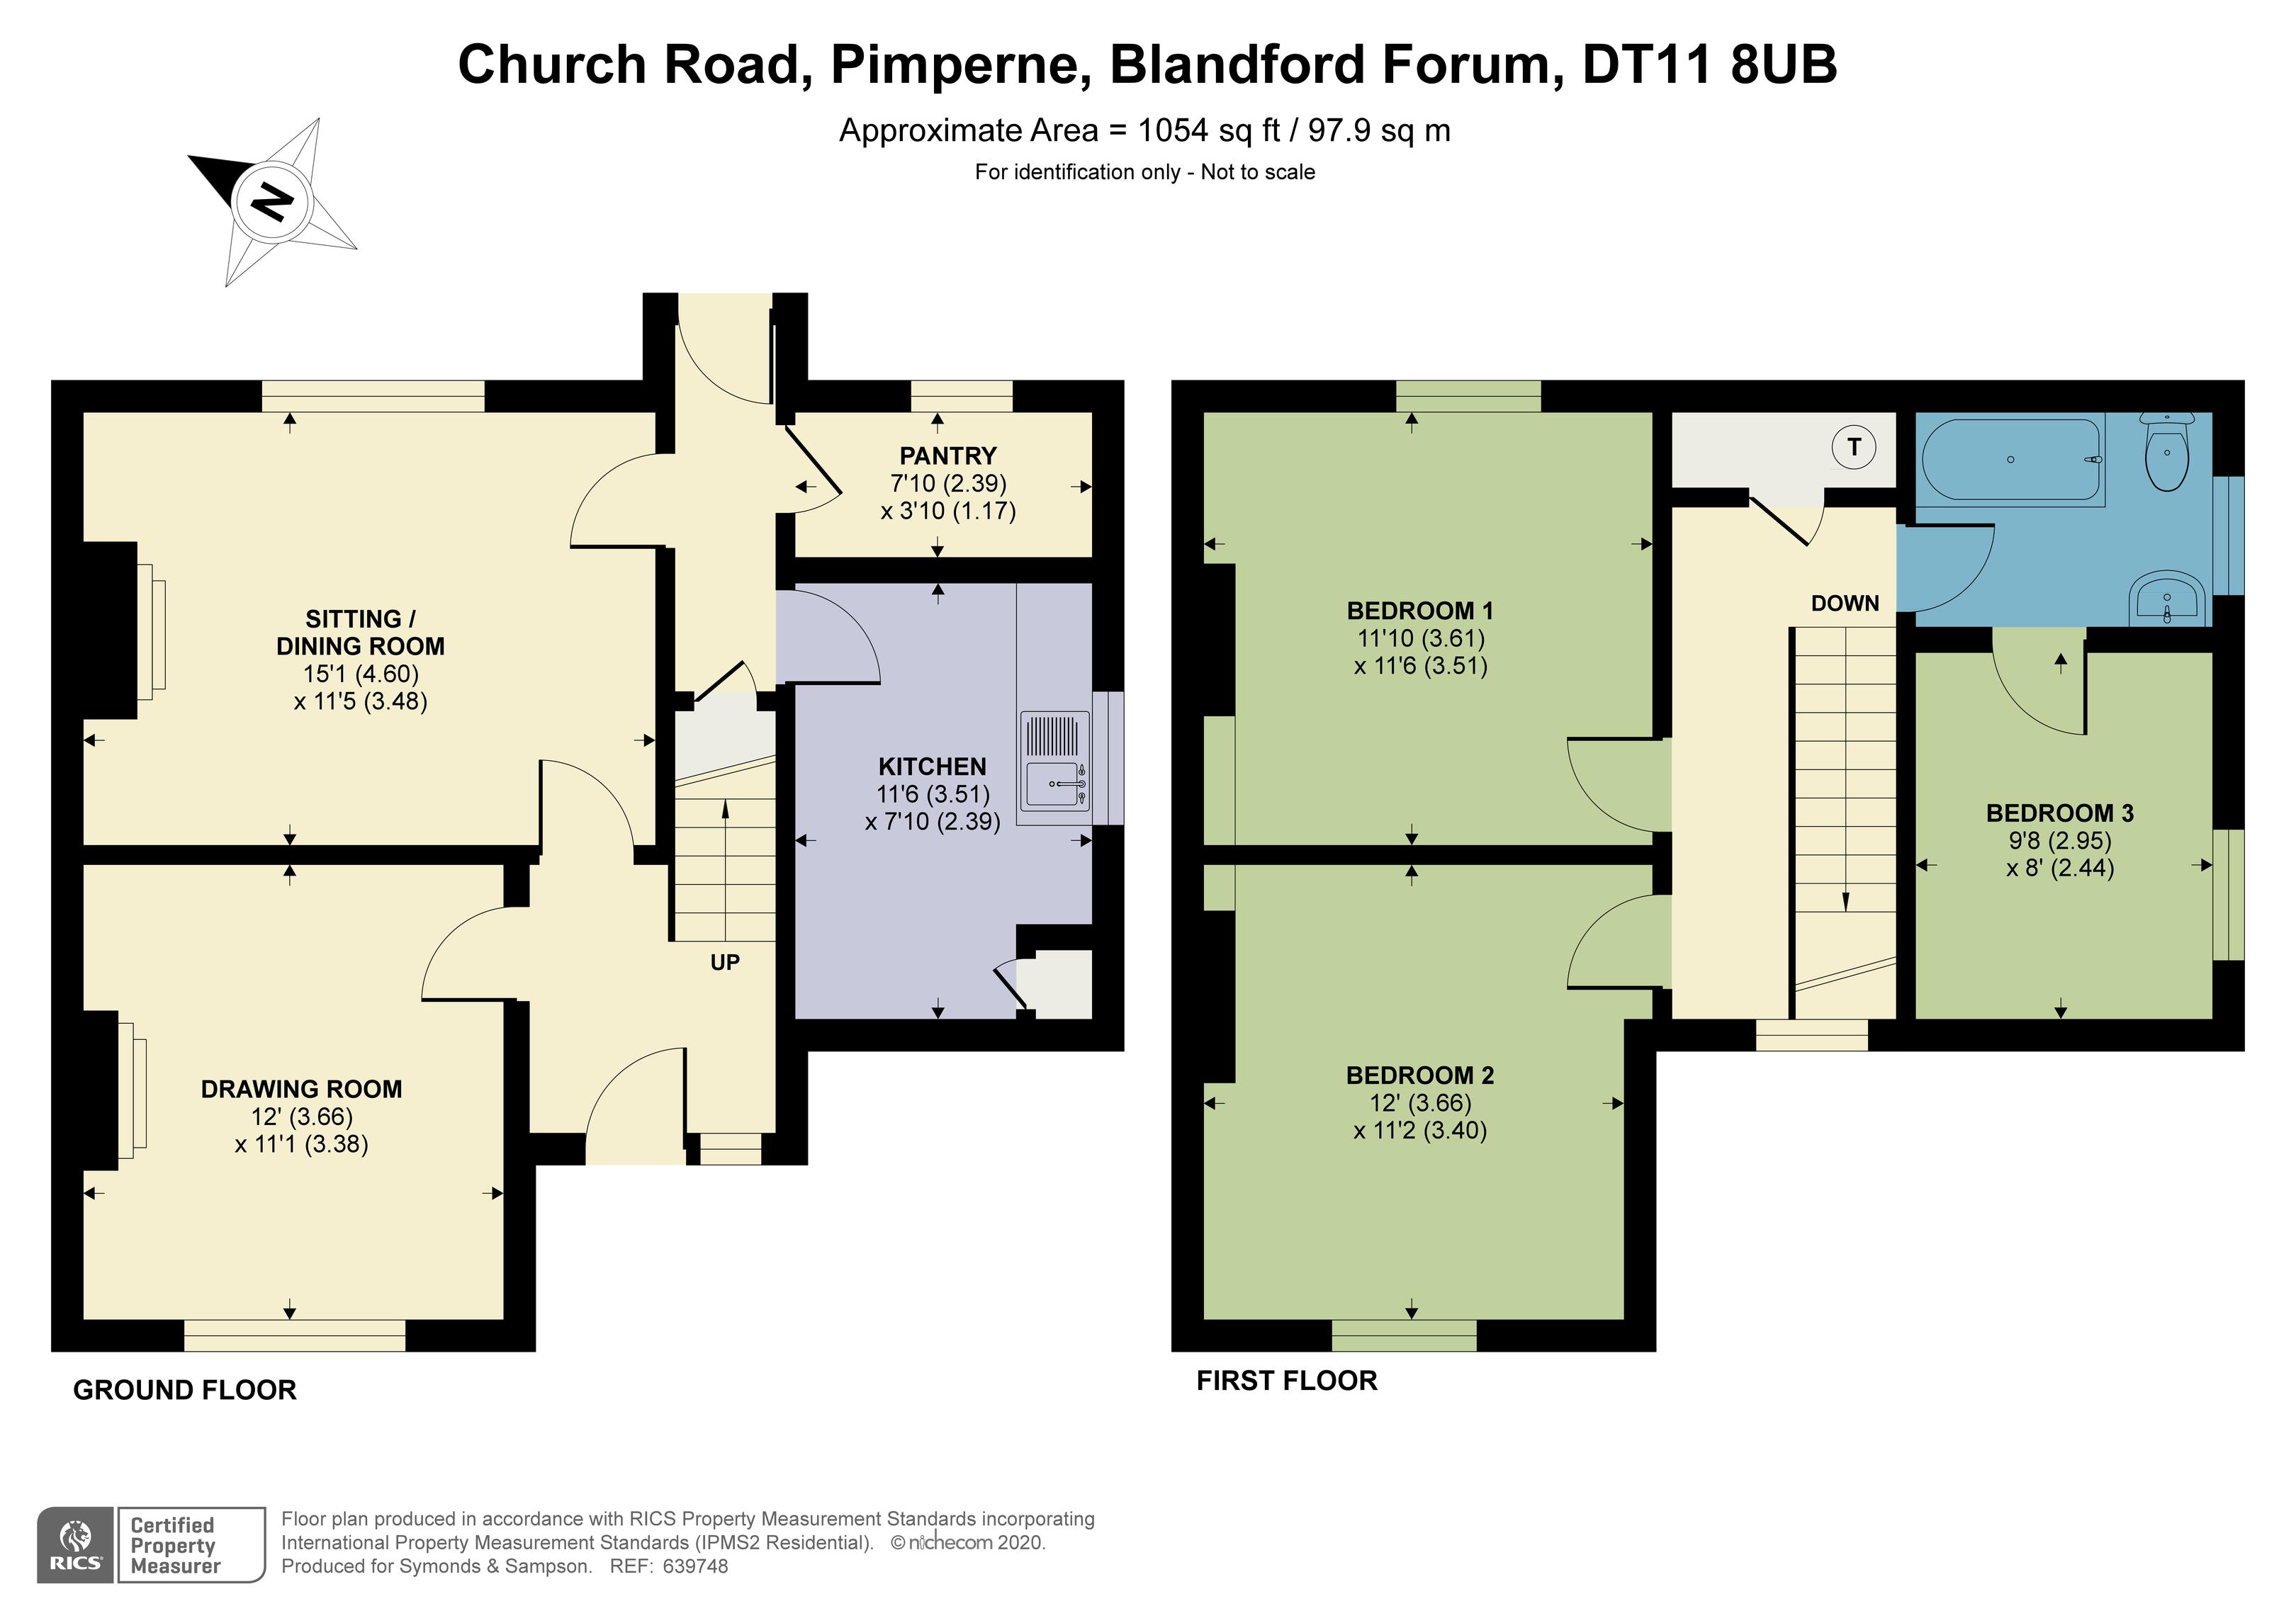 Floorplan - Church Road, Pimperne, Blandford Forum, DT11 8UB